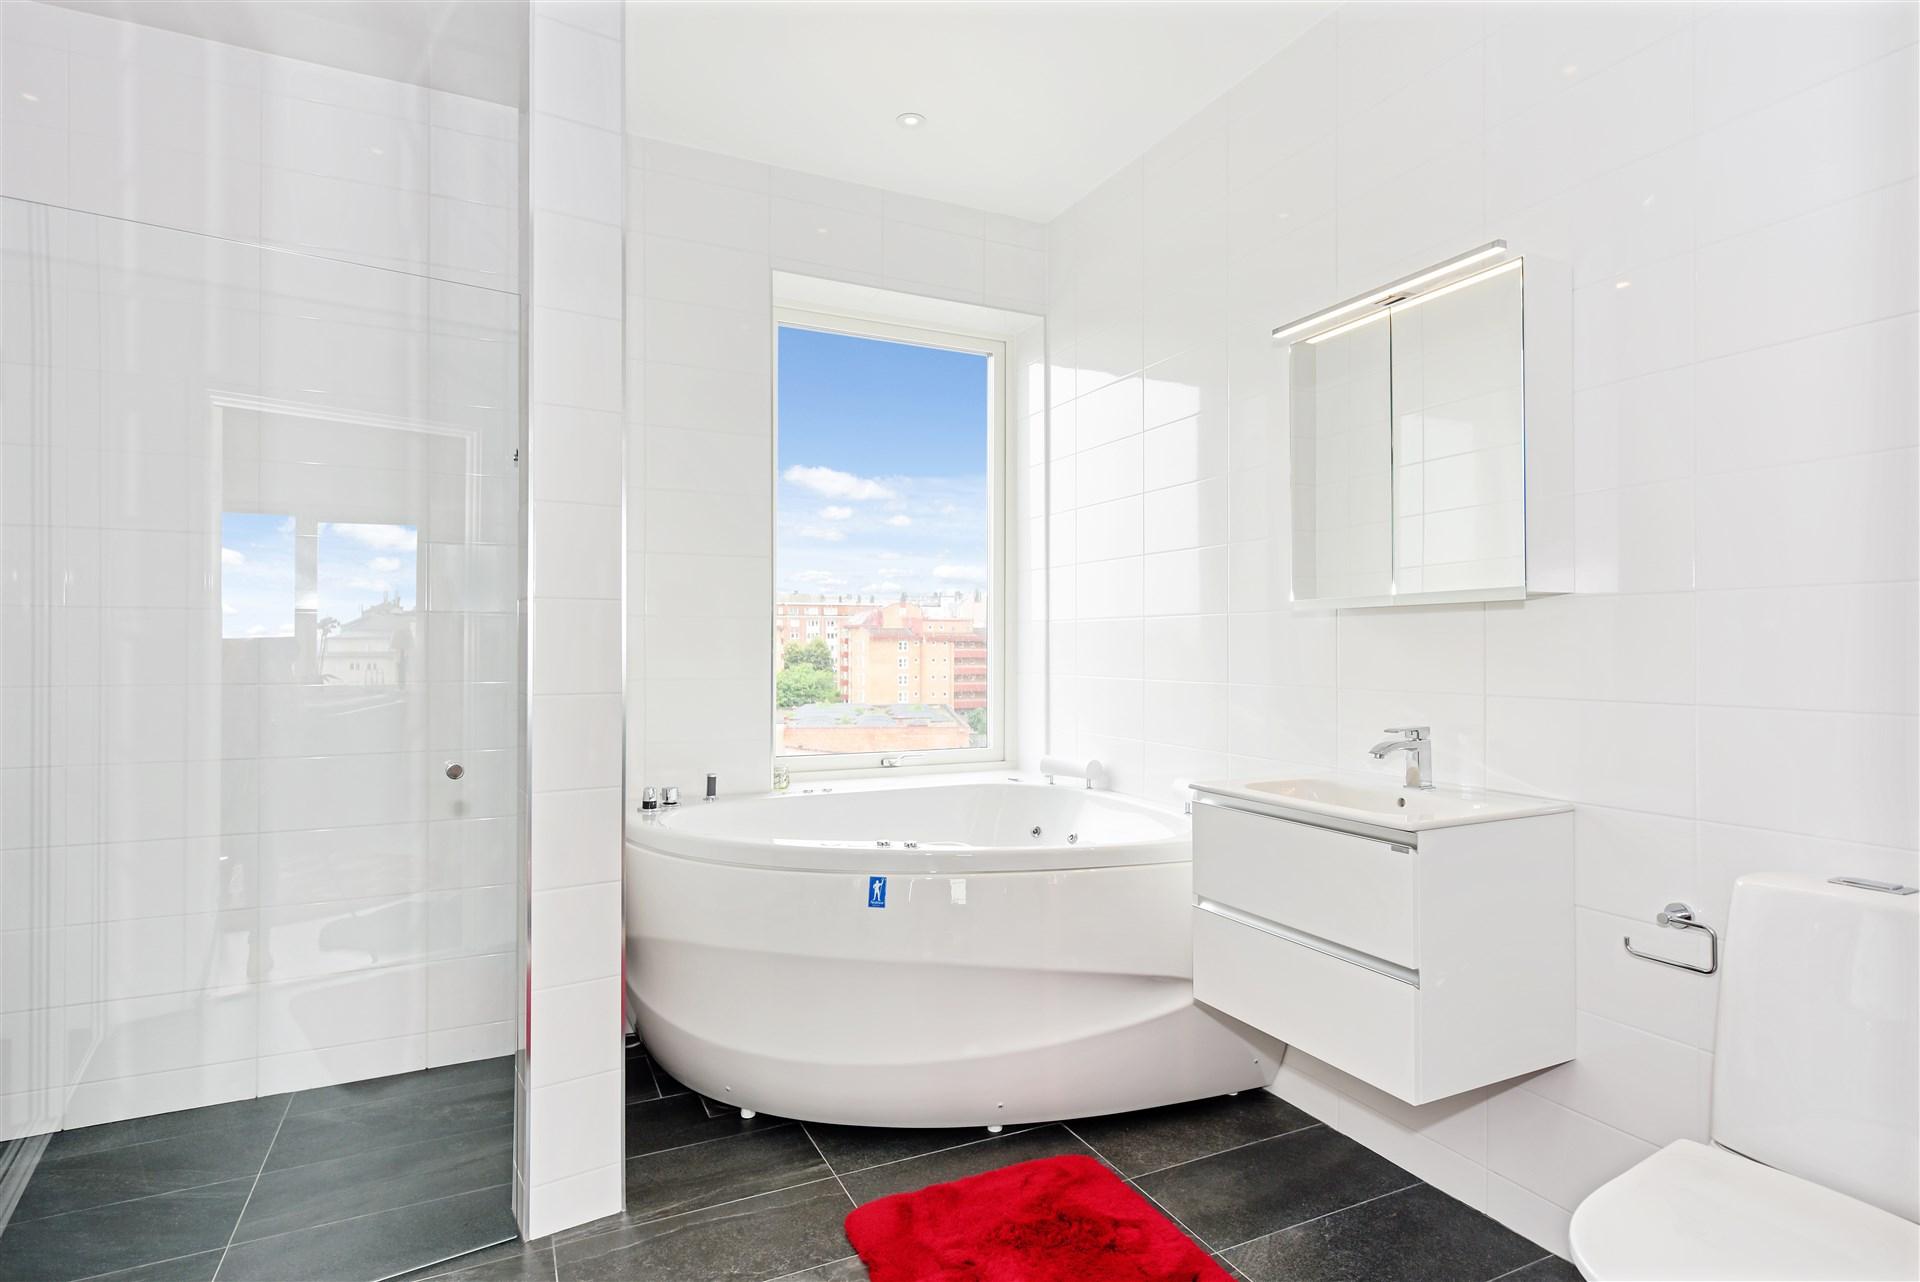 Badrum med bubbelbadkar, dusch, tvättmaskin och torktumlare